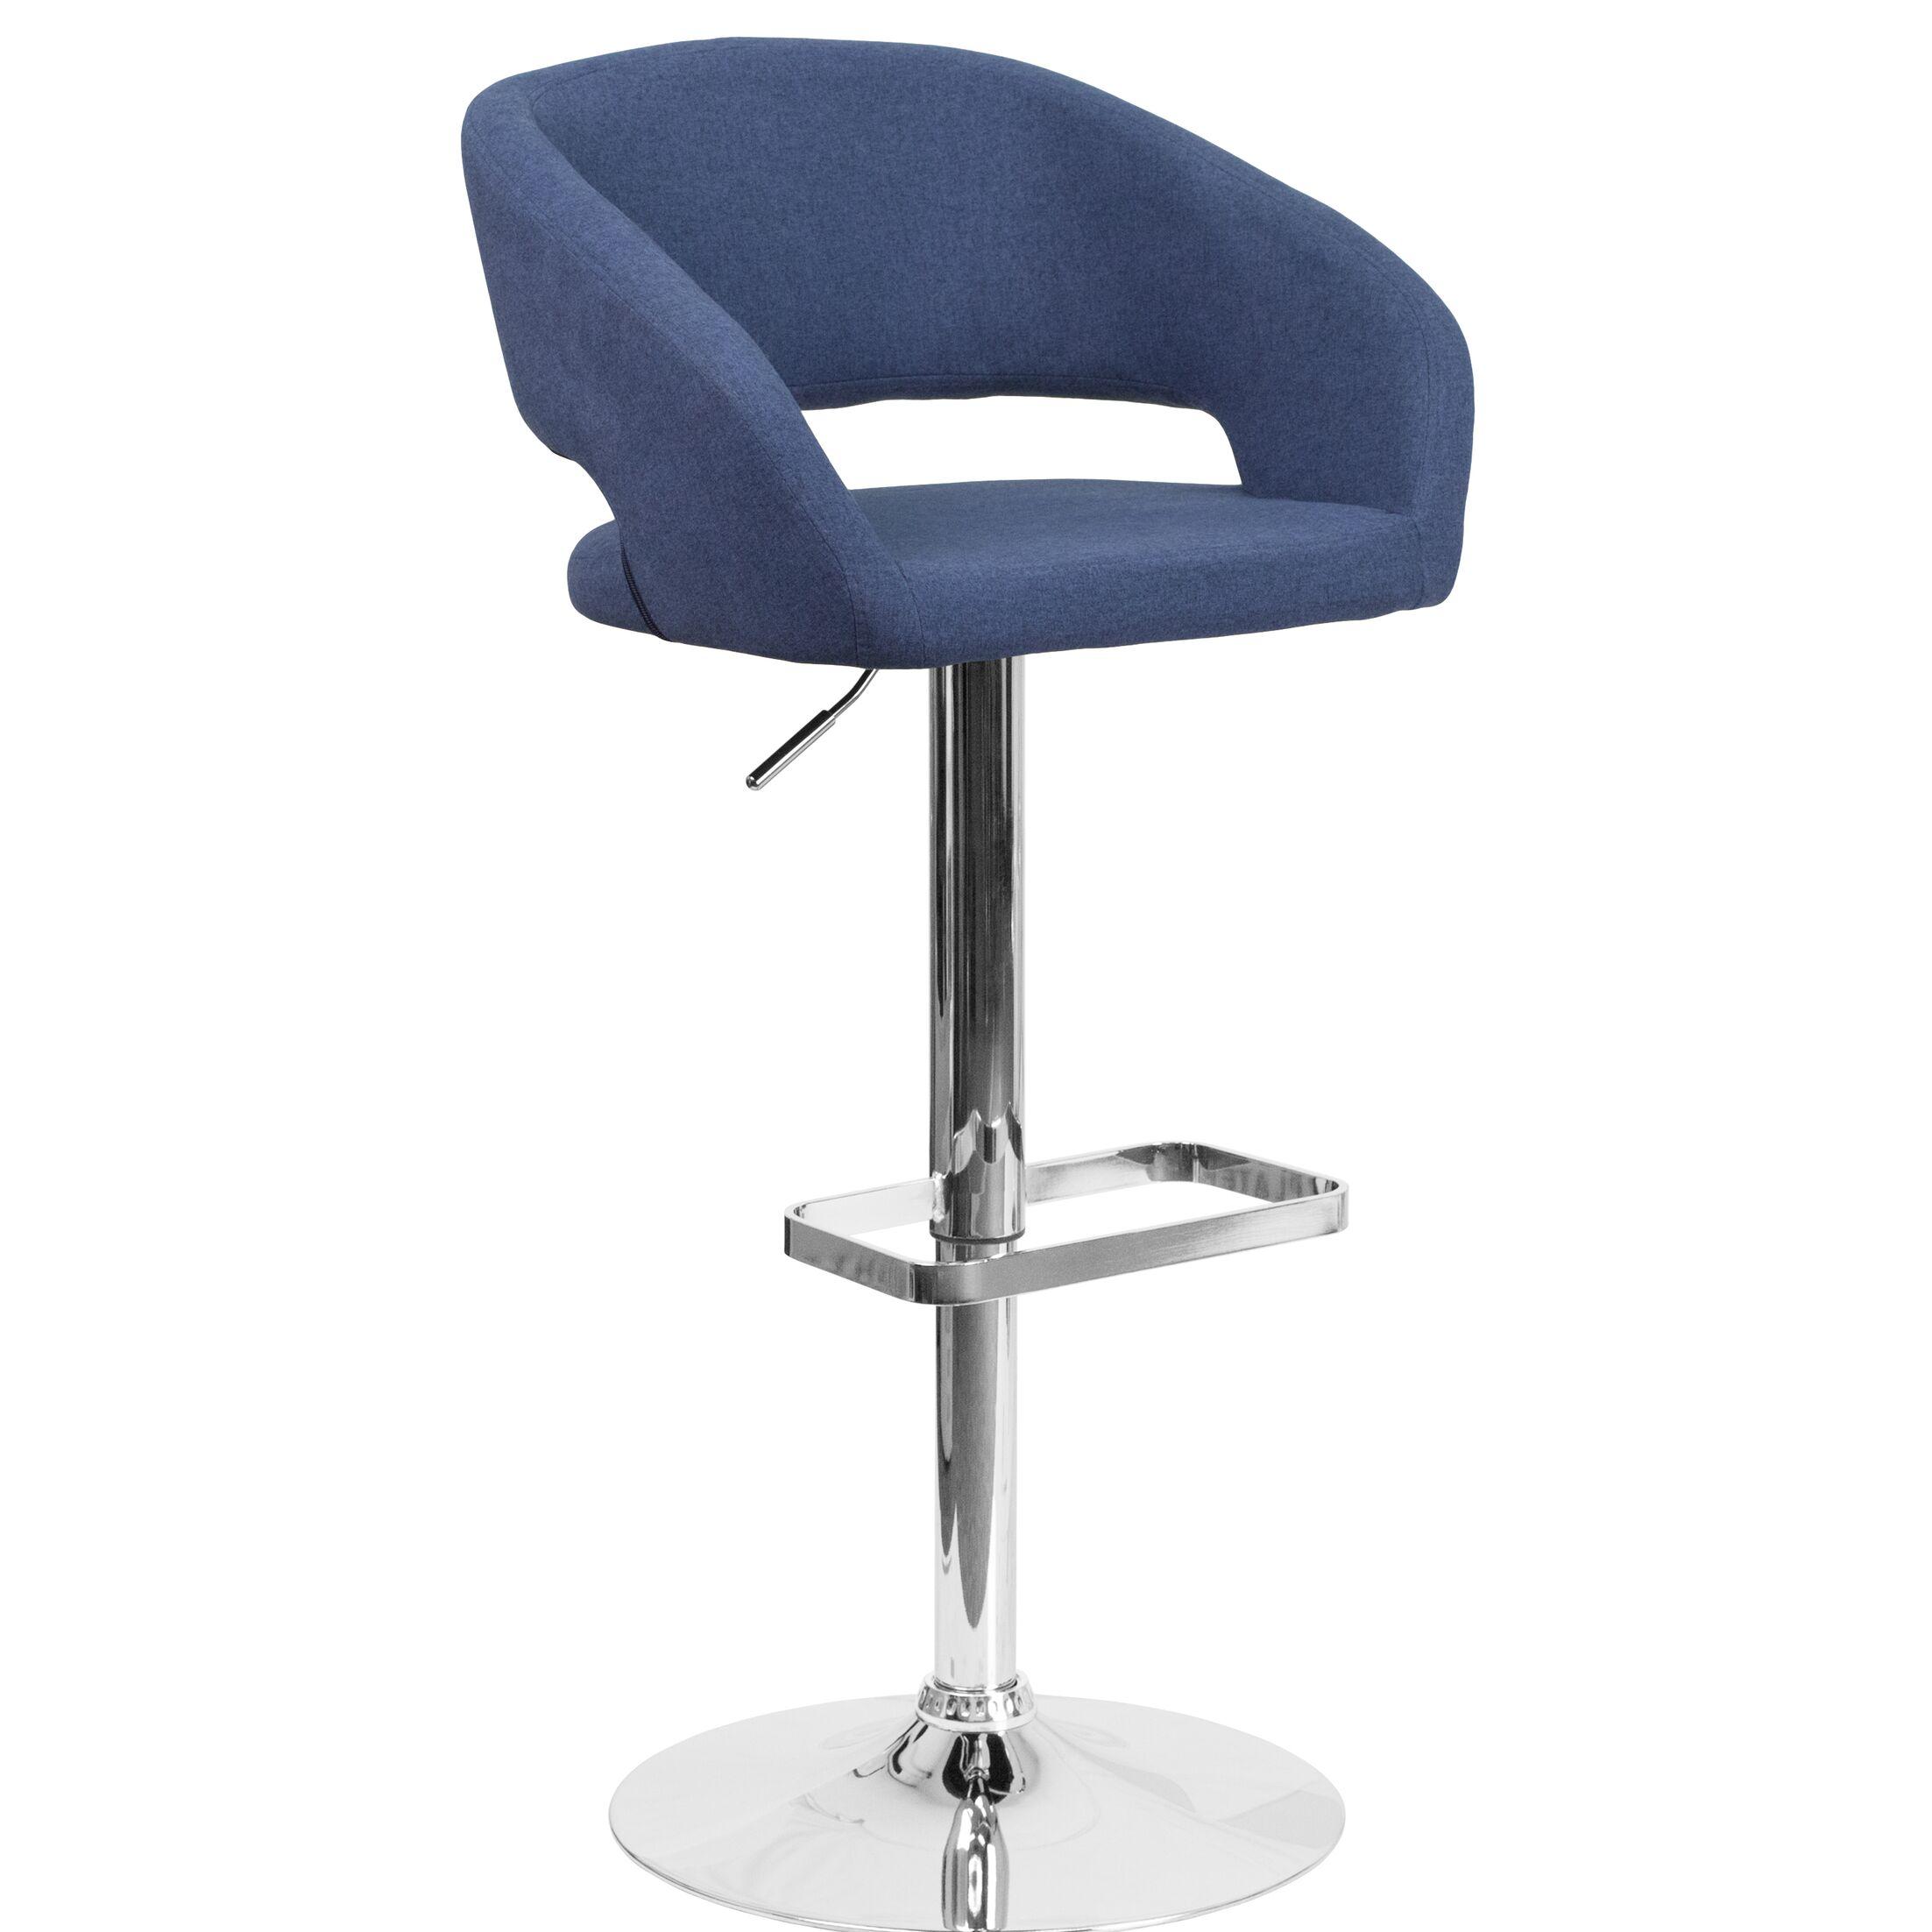 Noonkester Adjustable Height Swivel Bar Stool Upholstery: Blue